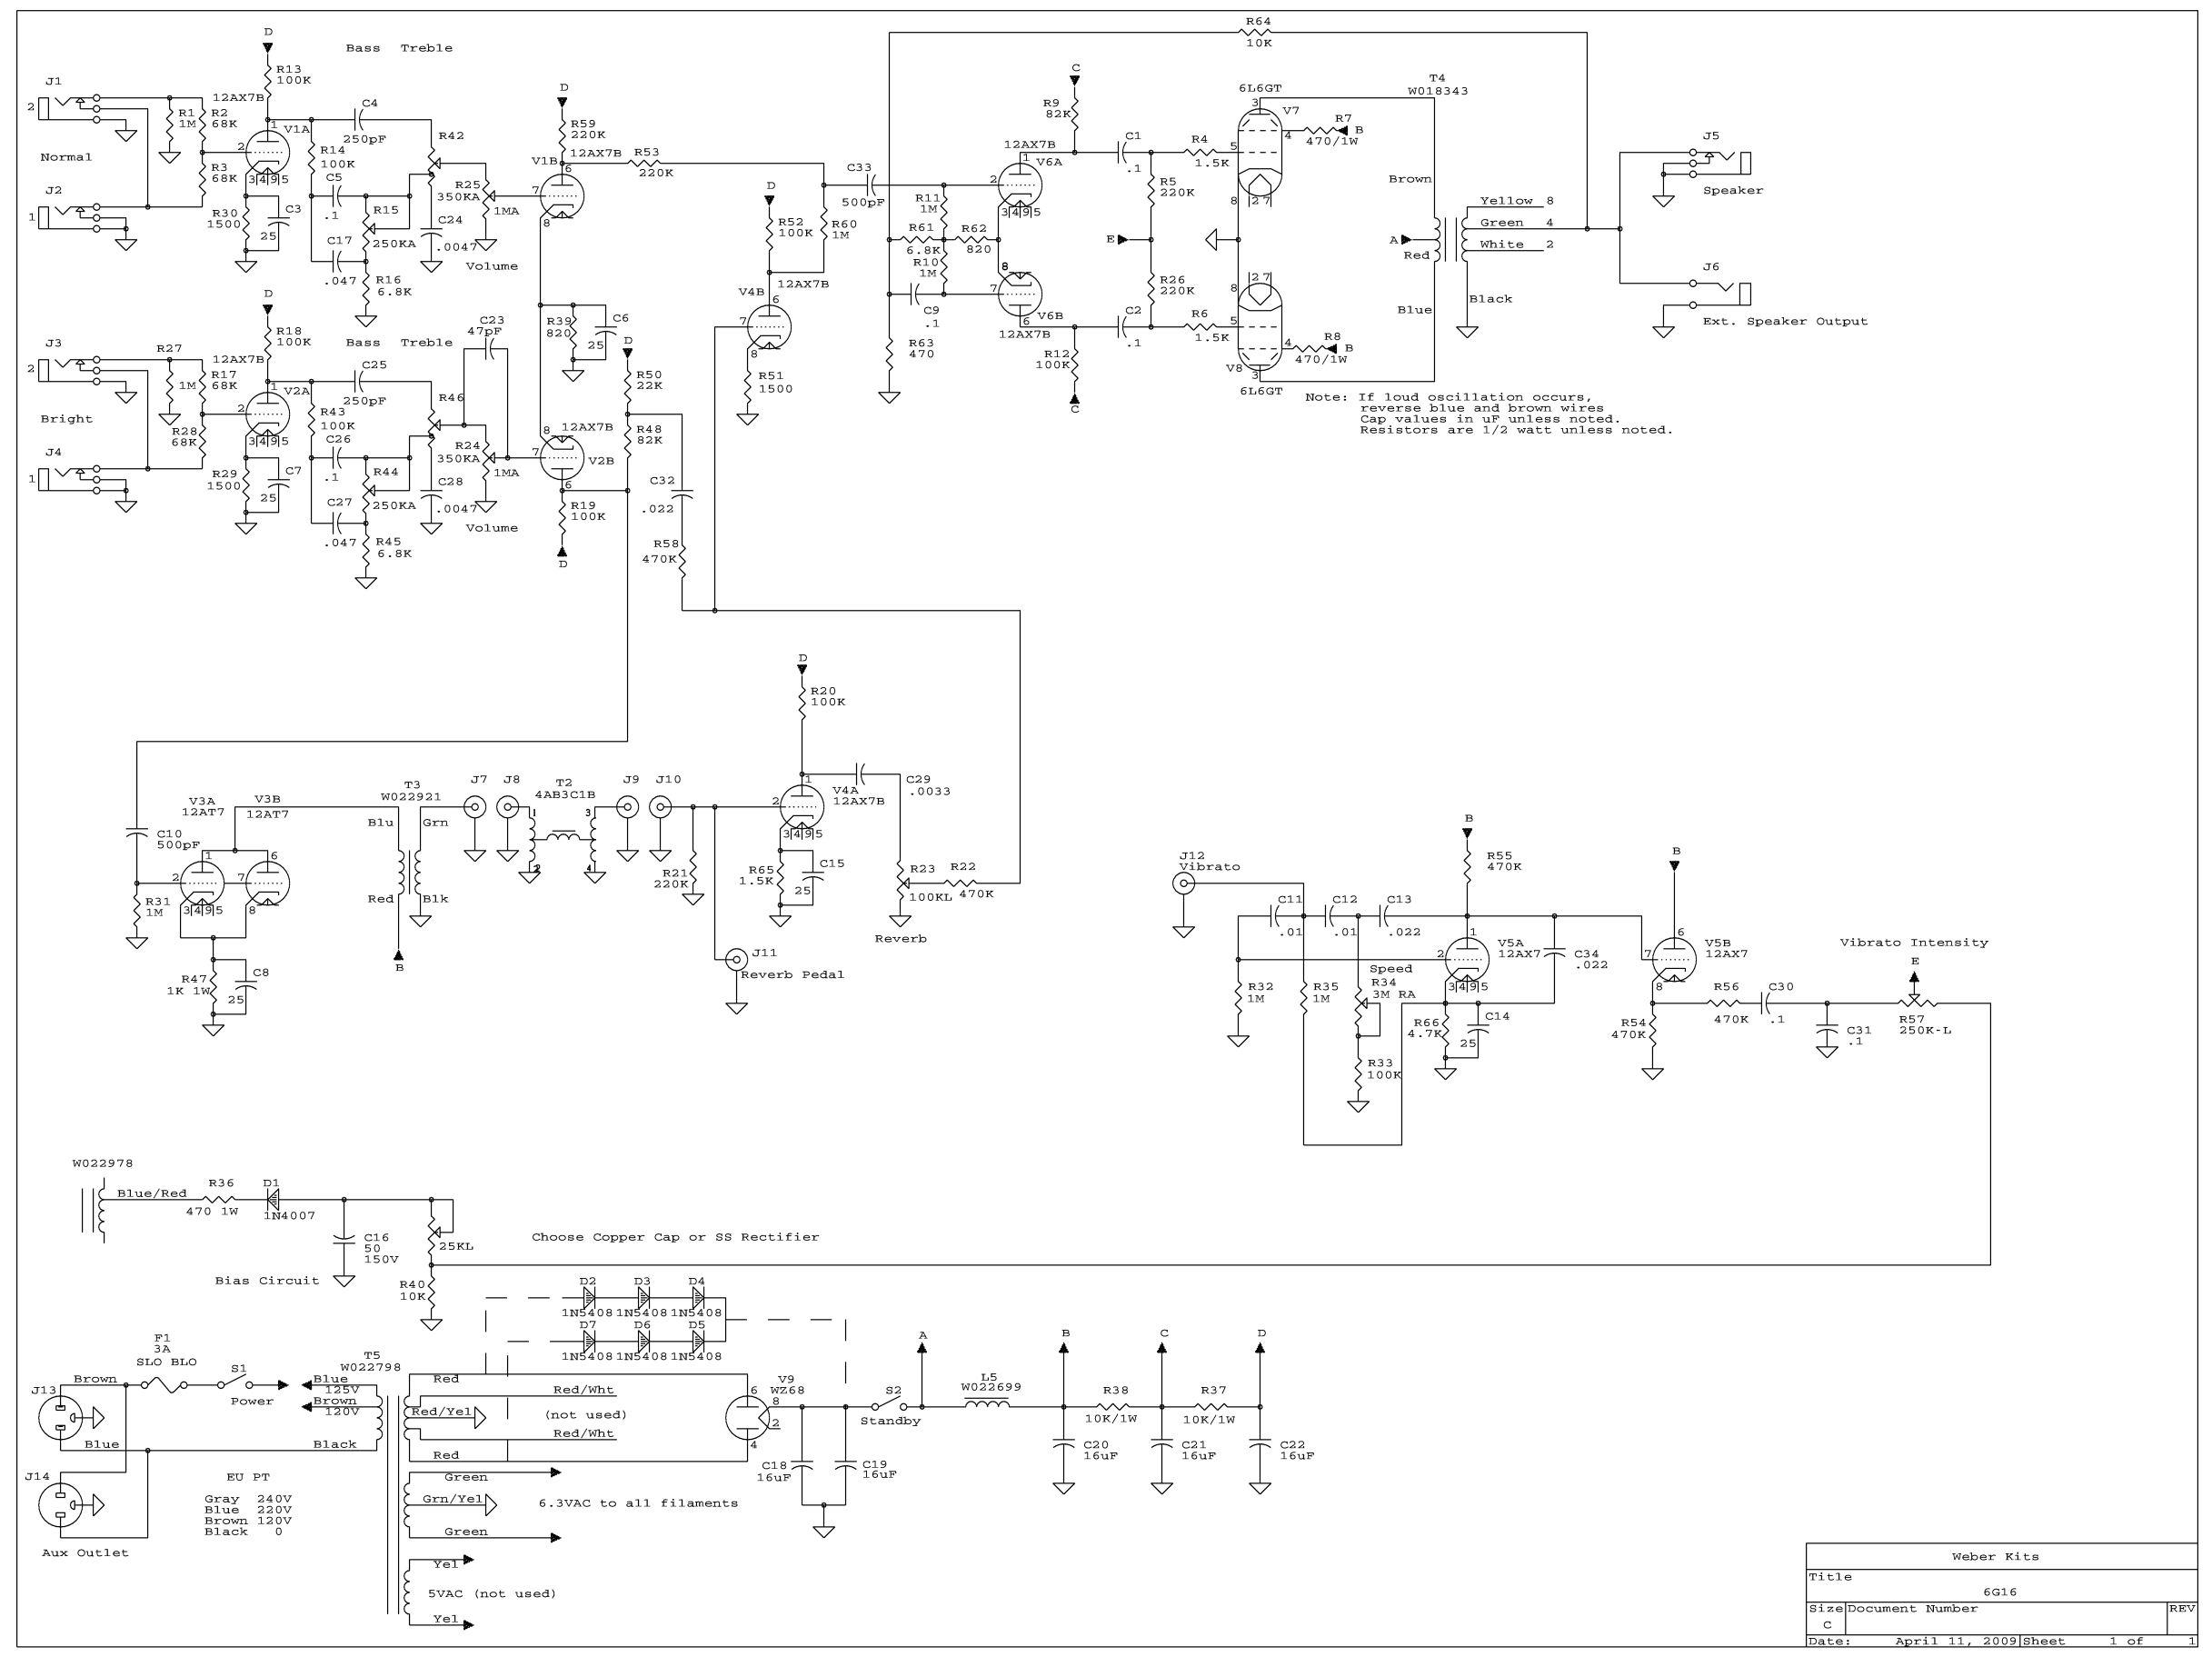 Elenco dei Kit di ampli a valvole con relativi link - 01